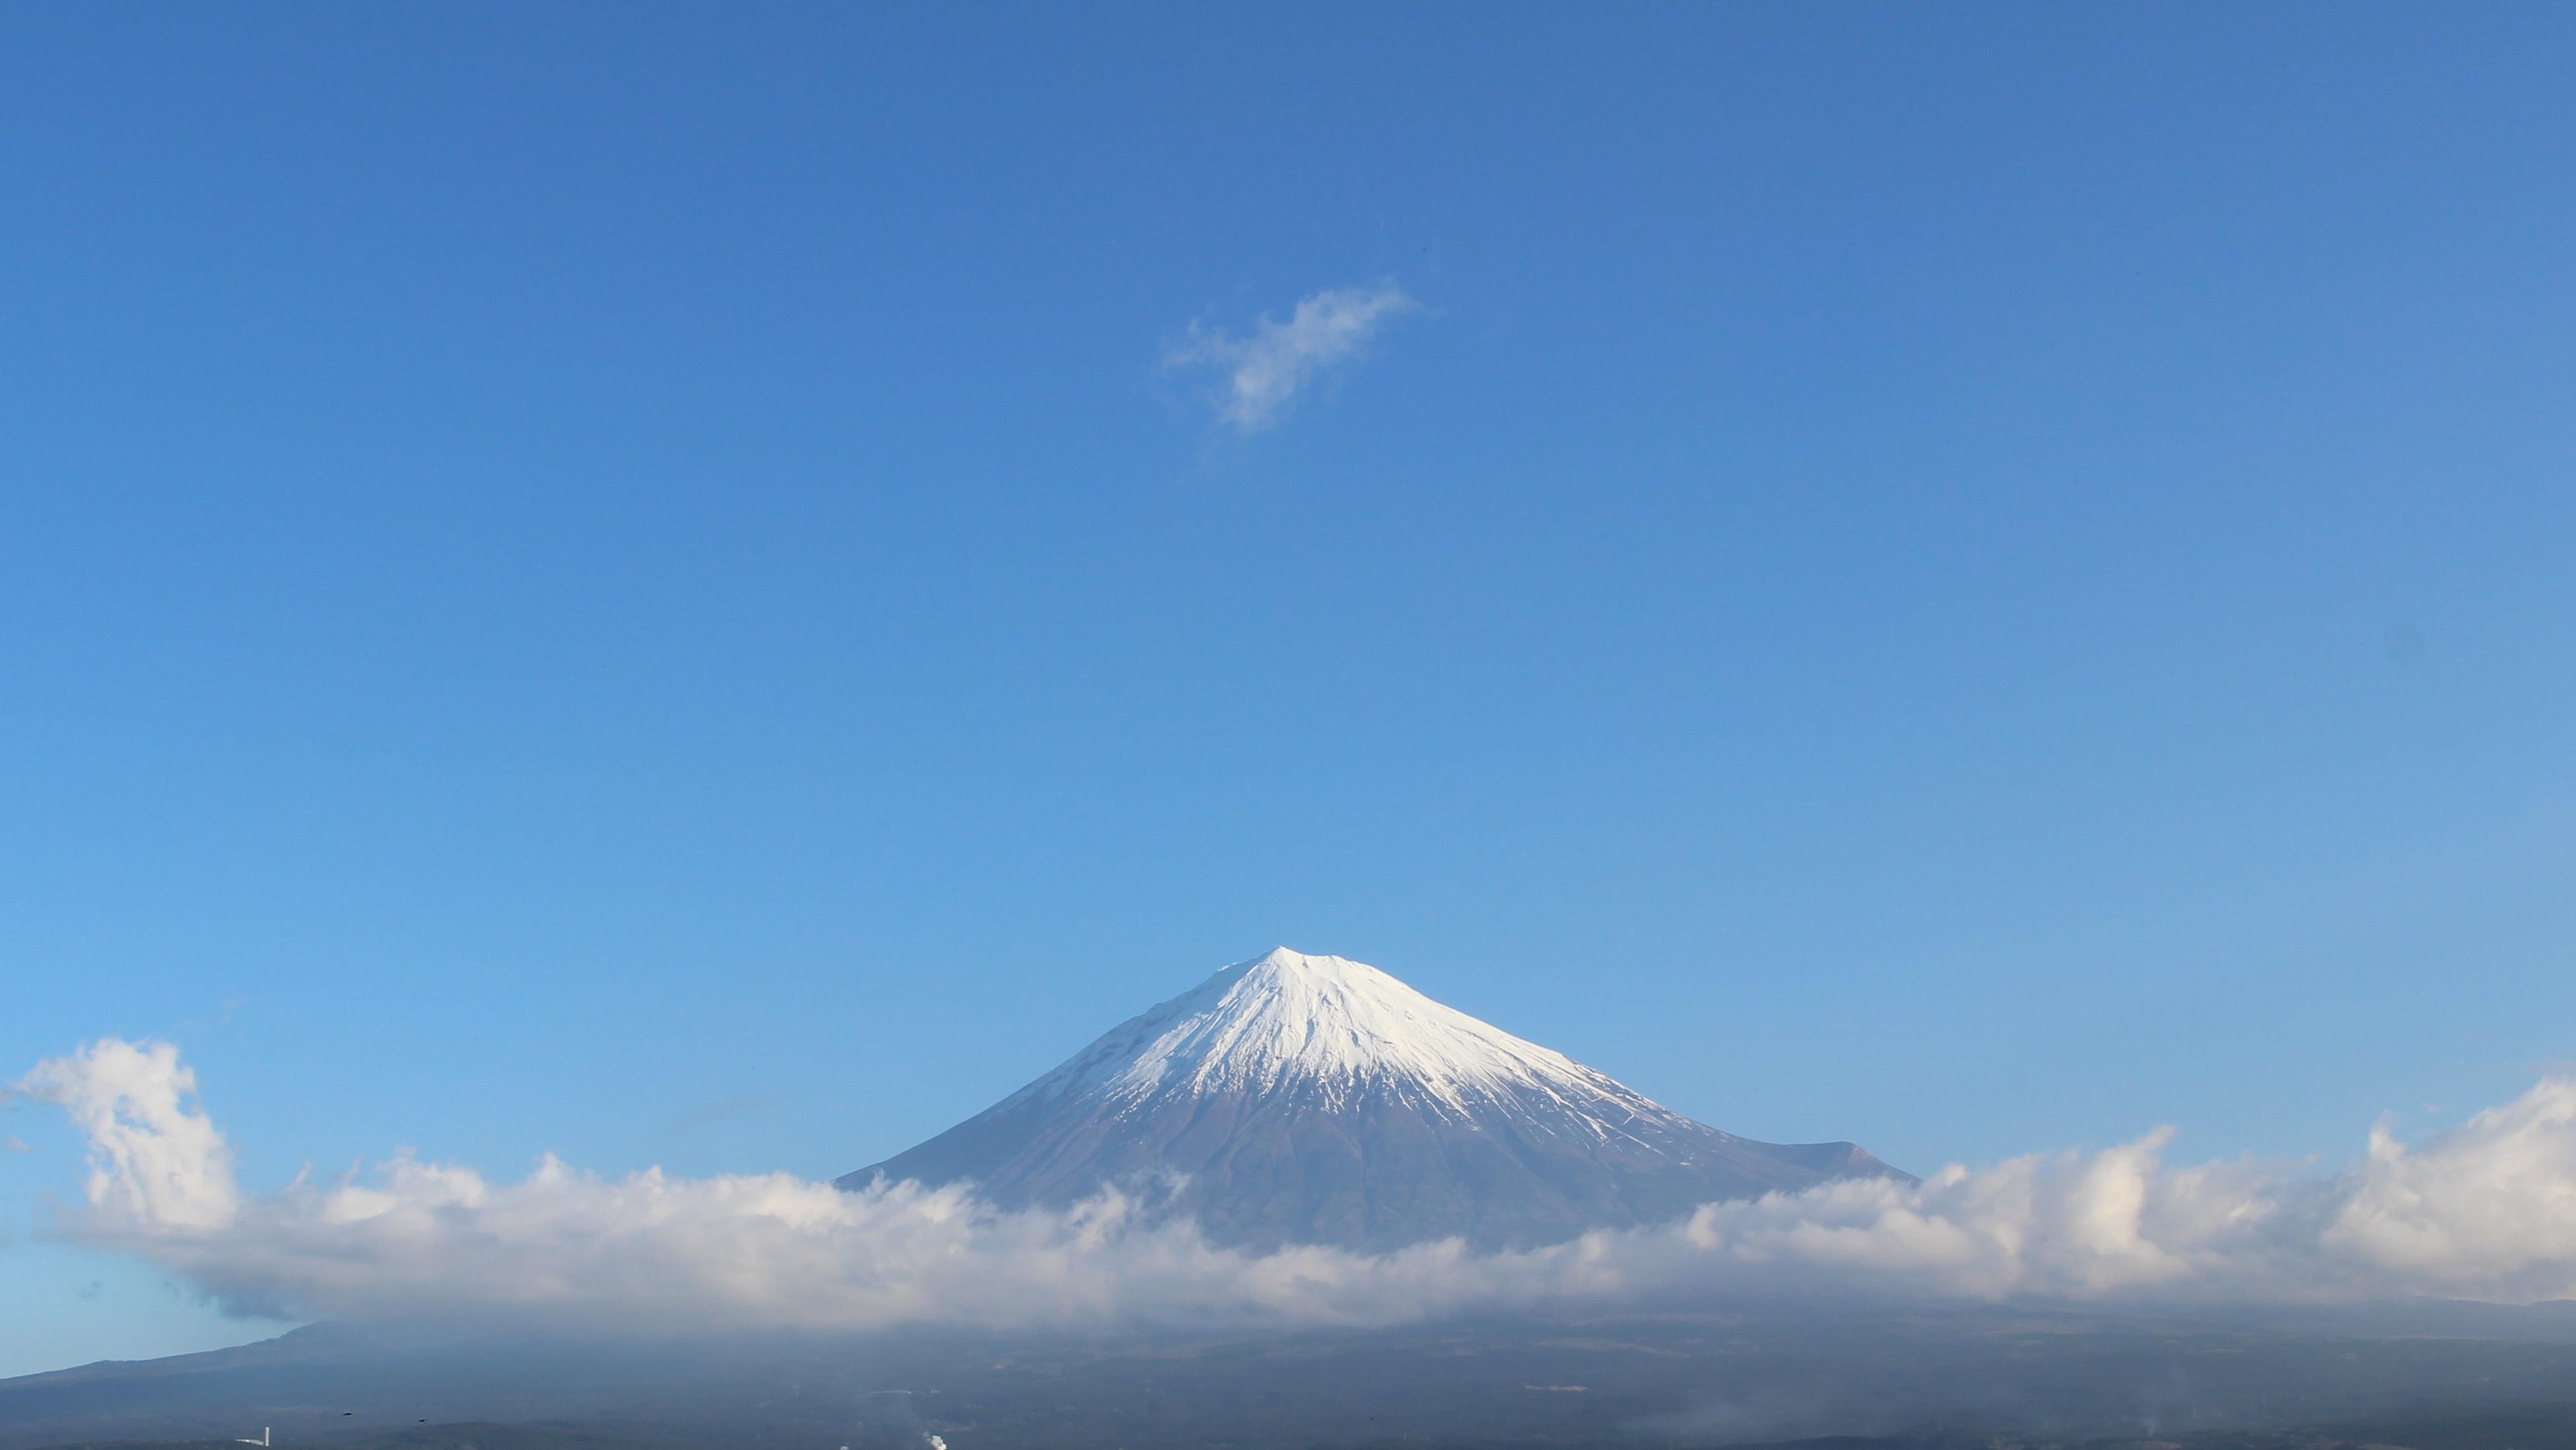 2017年1月5日の富士山の写真